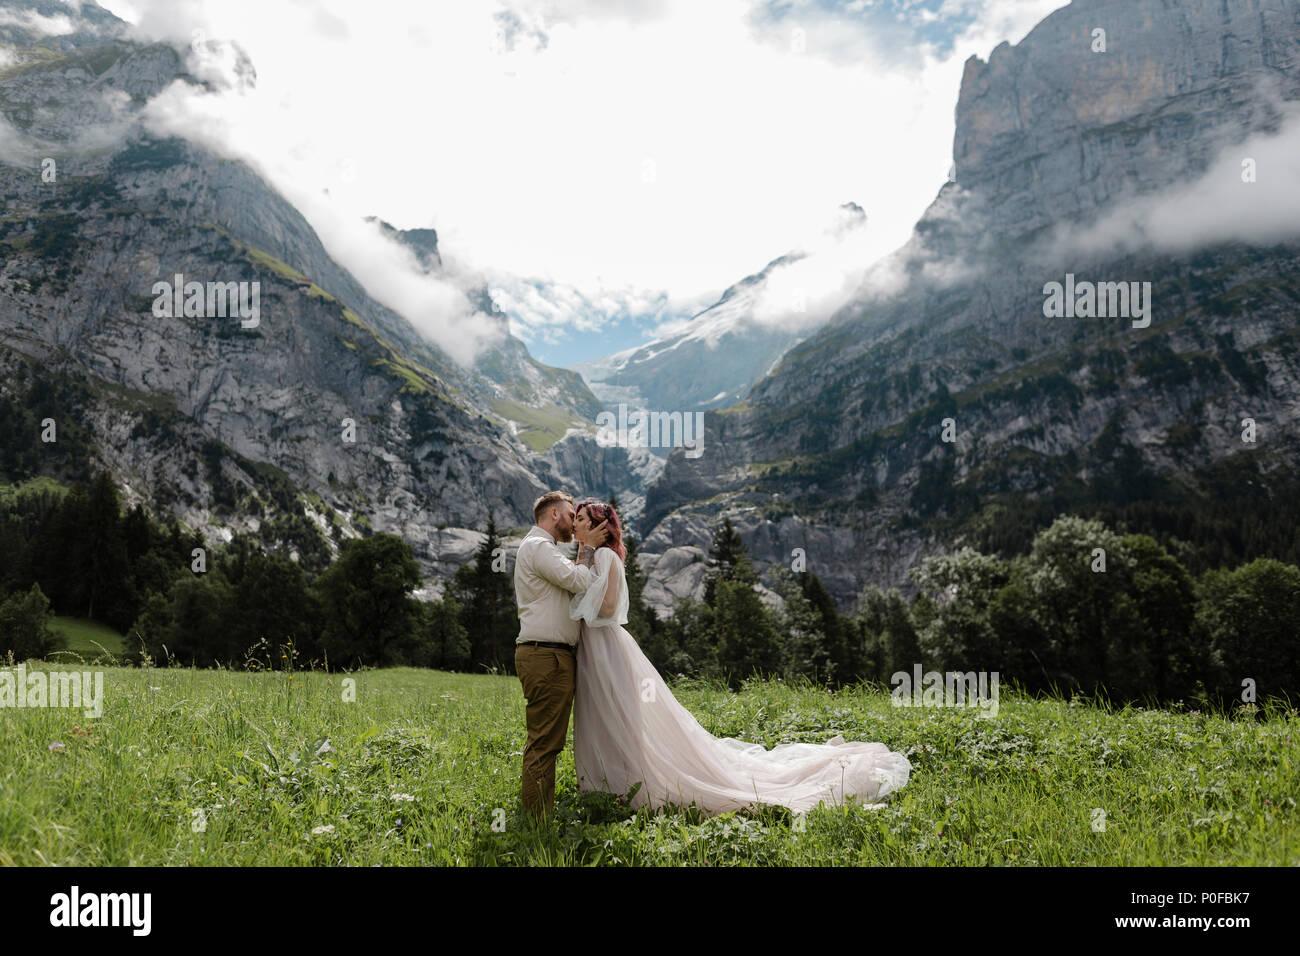 Happy Bride and Groom hugging et embrassant sur la montagne verte prairie avec nuages dans Alpes Photo Stock